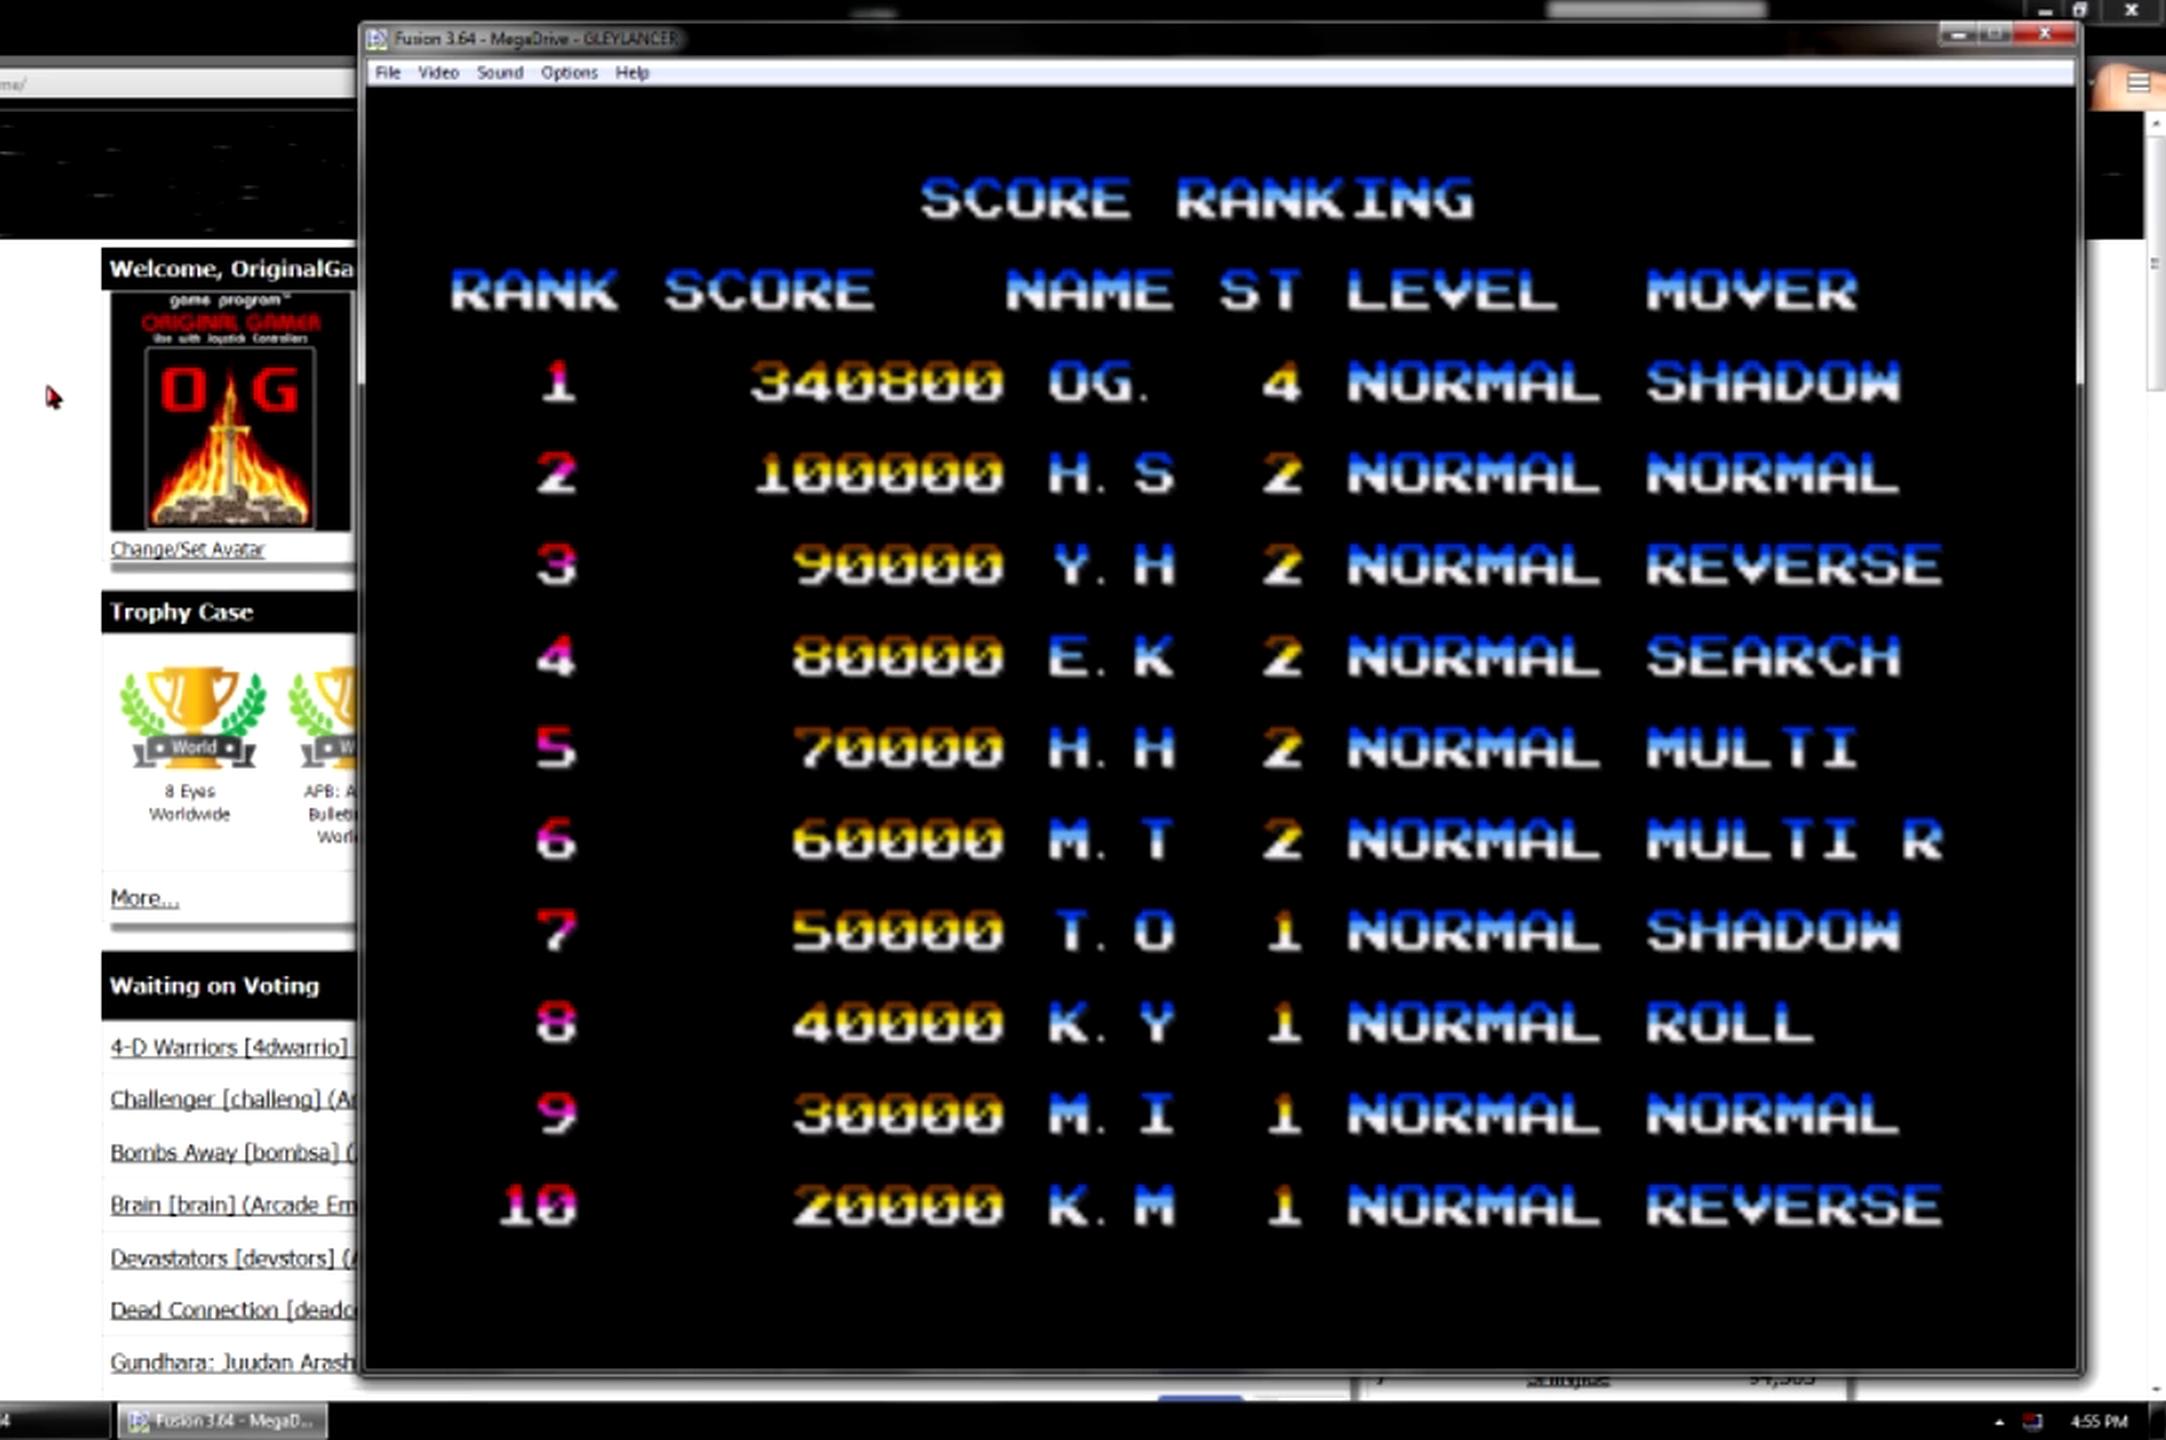 OriginalGamer: Gleylancer [Normal] (Sega Genesis / MegaDrive Emulated) 340,800 points on 2015-06-22 22:59:44